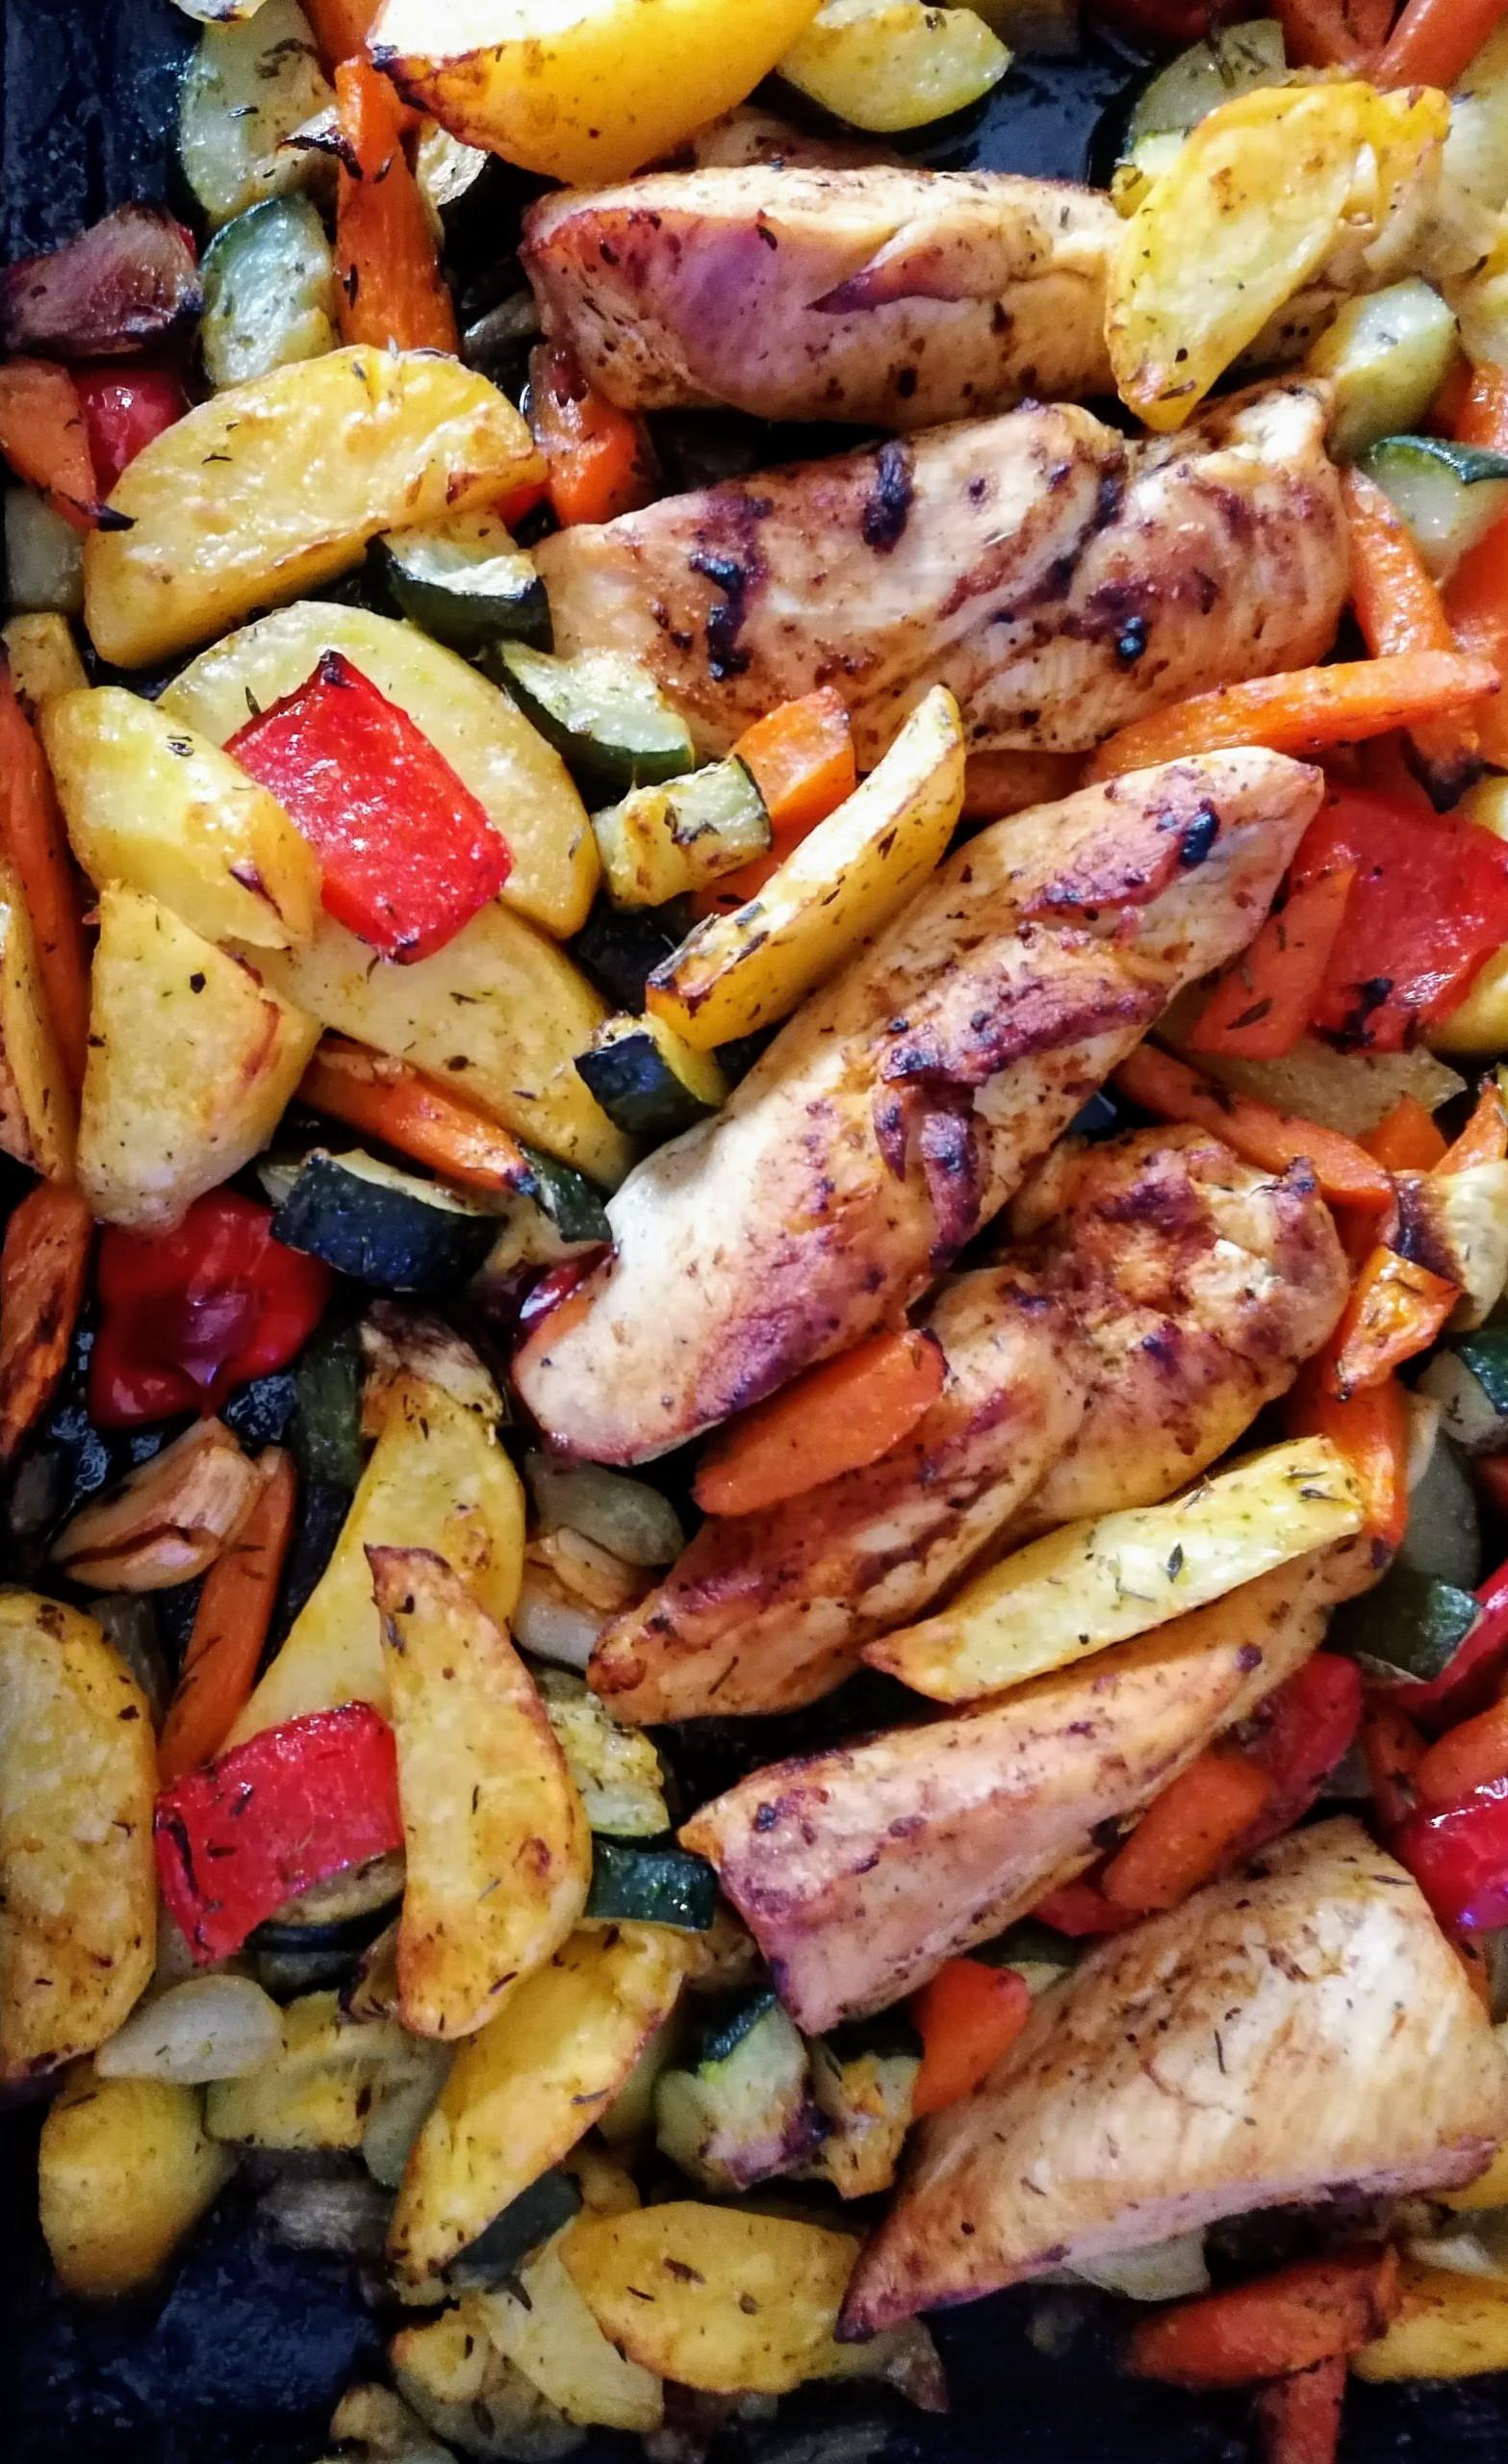 Gemüse vom Blech mit Hähnchenbrust, Gemüse und Kartoffeln